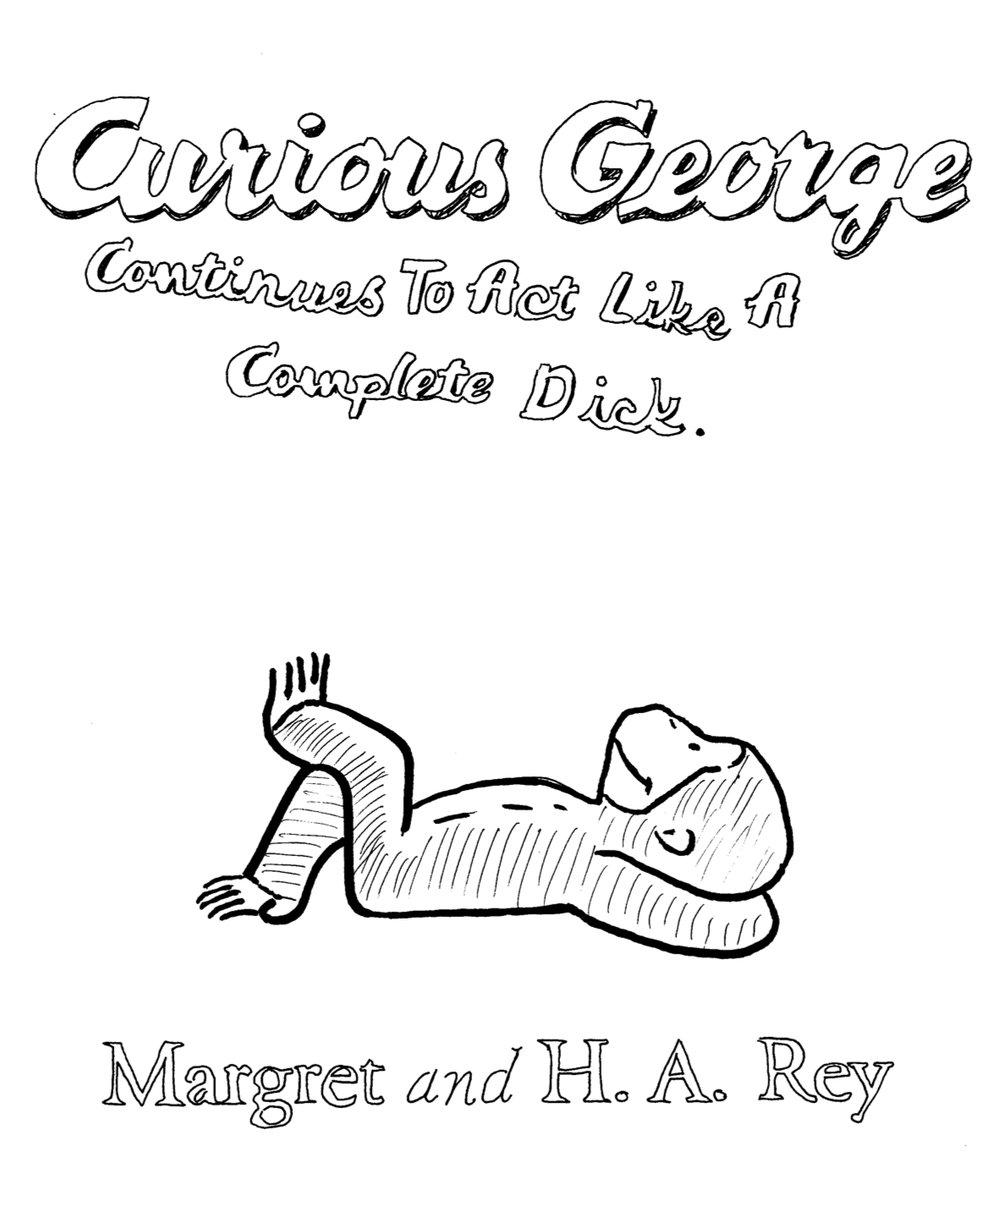 curiousgeorge.jpg